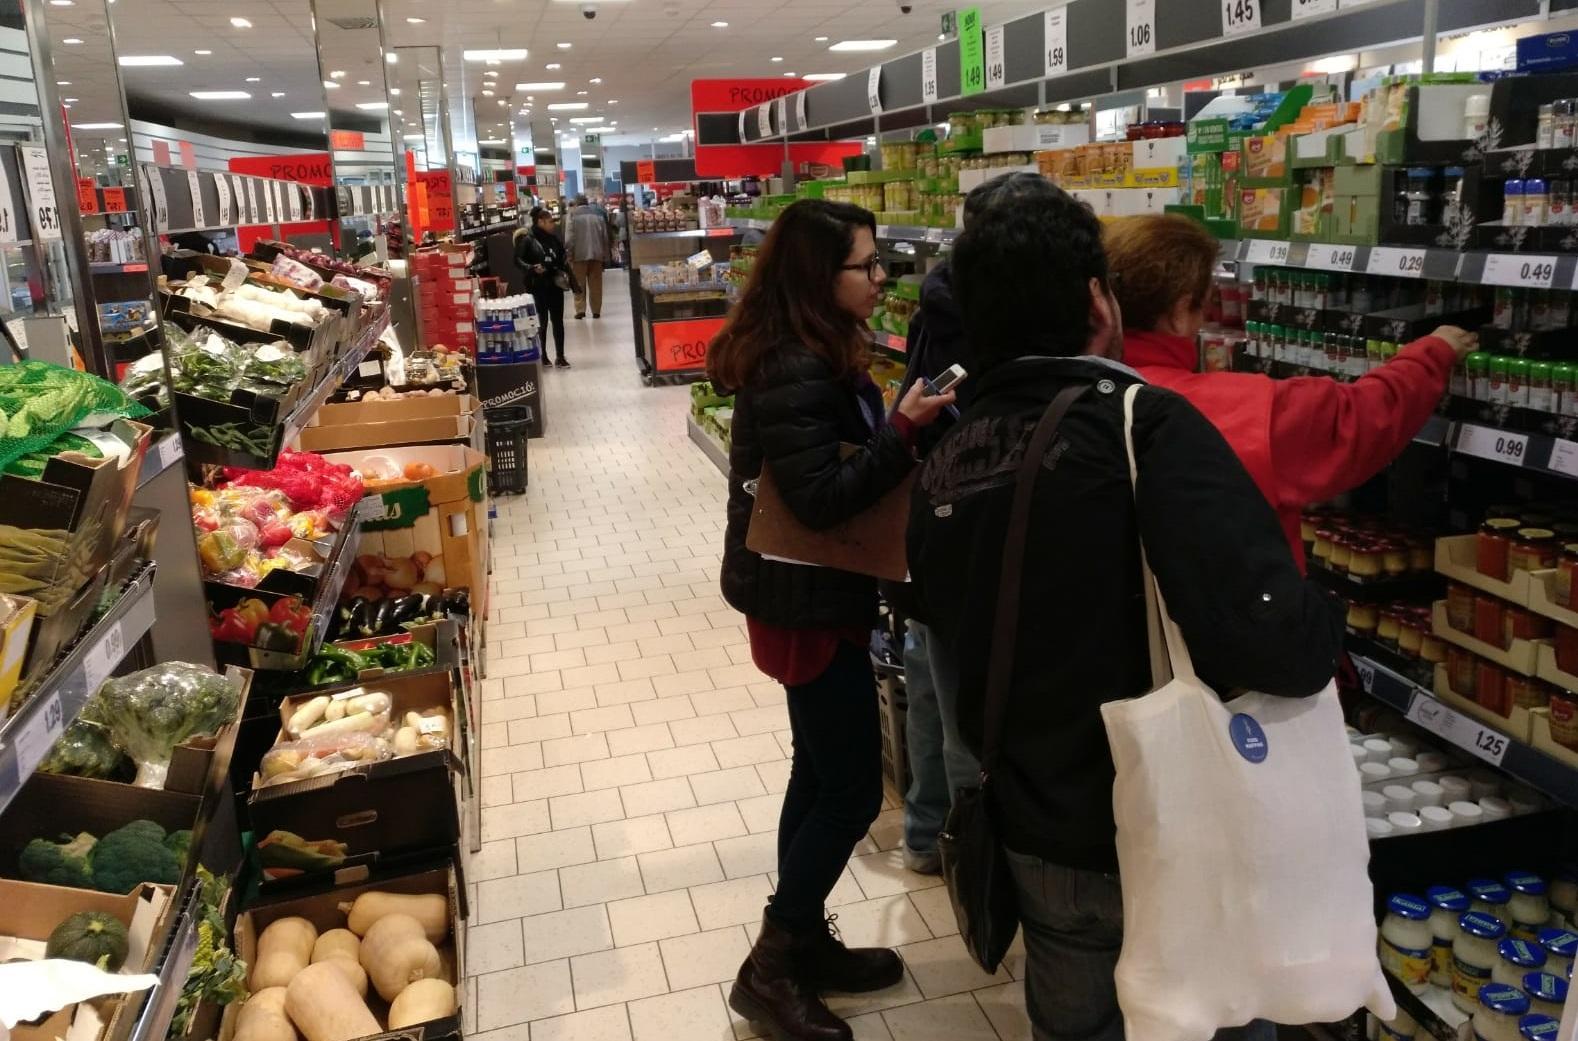 Voluntaris i voluntàries comprant al barri de Sant Idelfons, a Cornellà de Llobregat